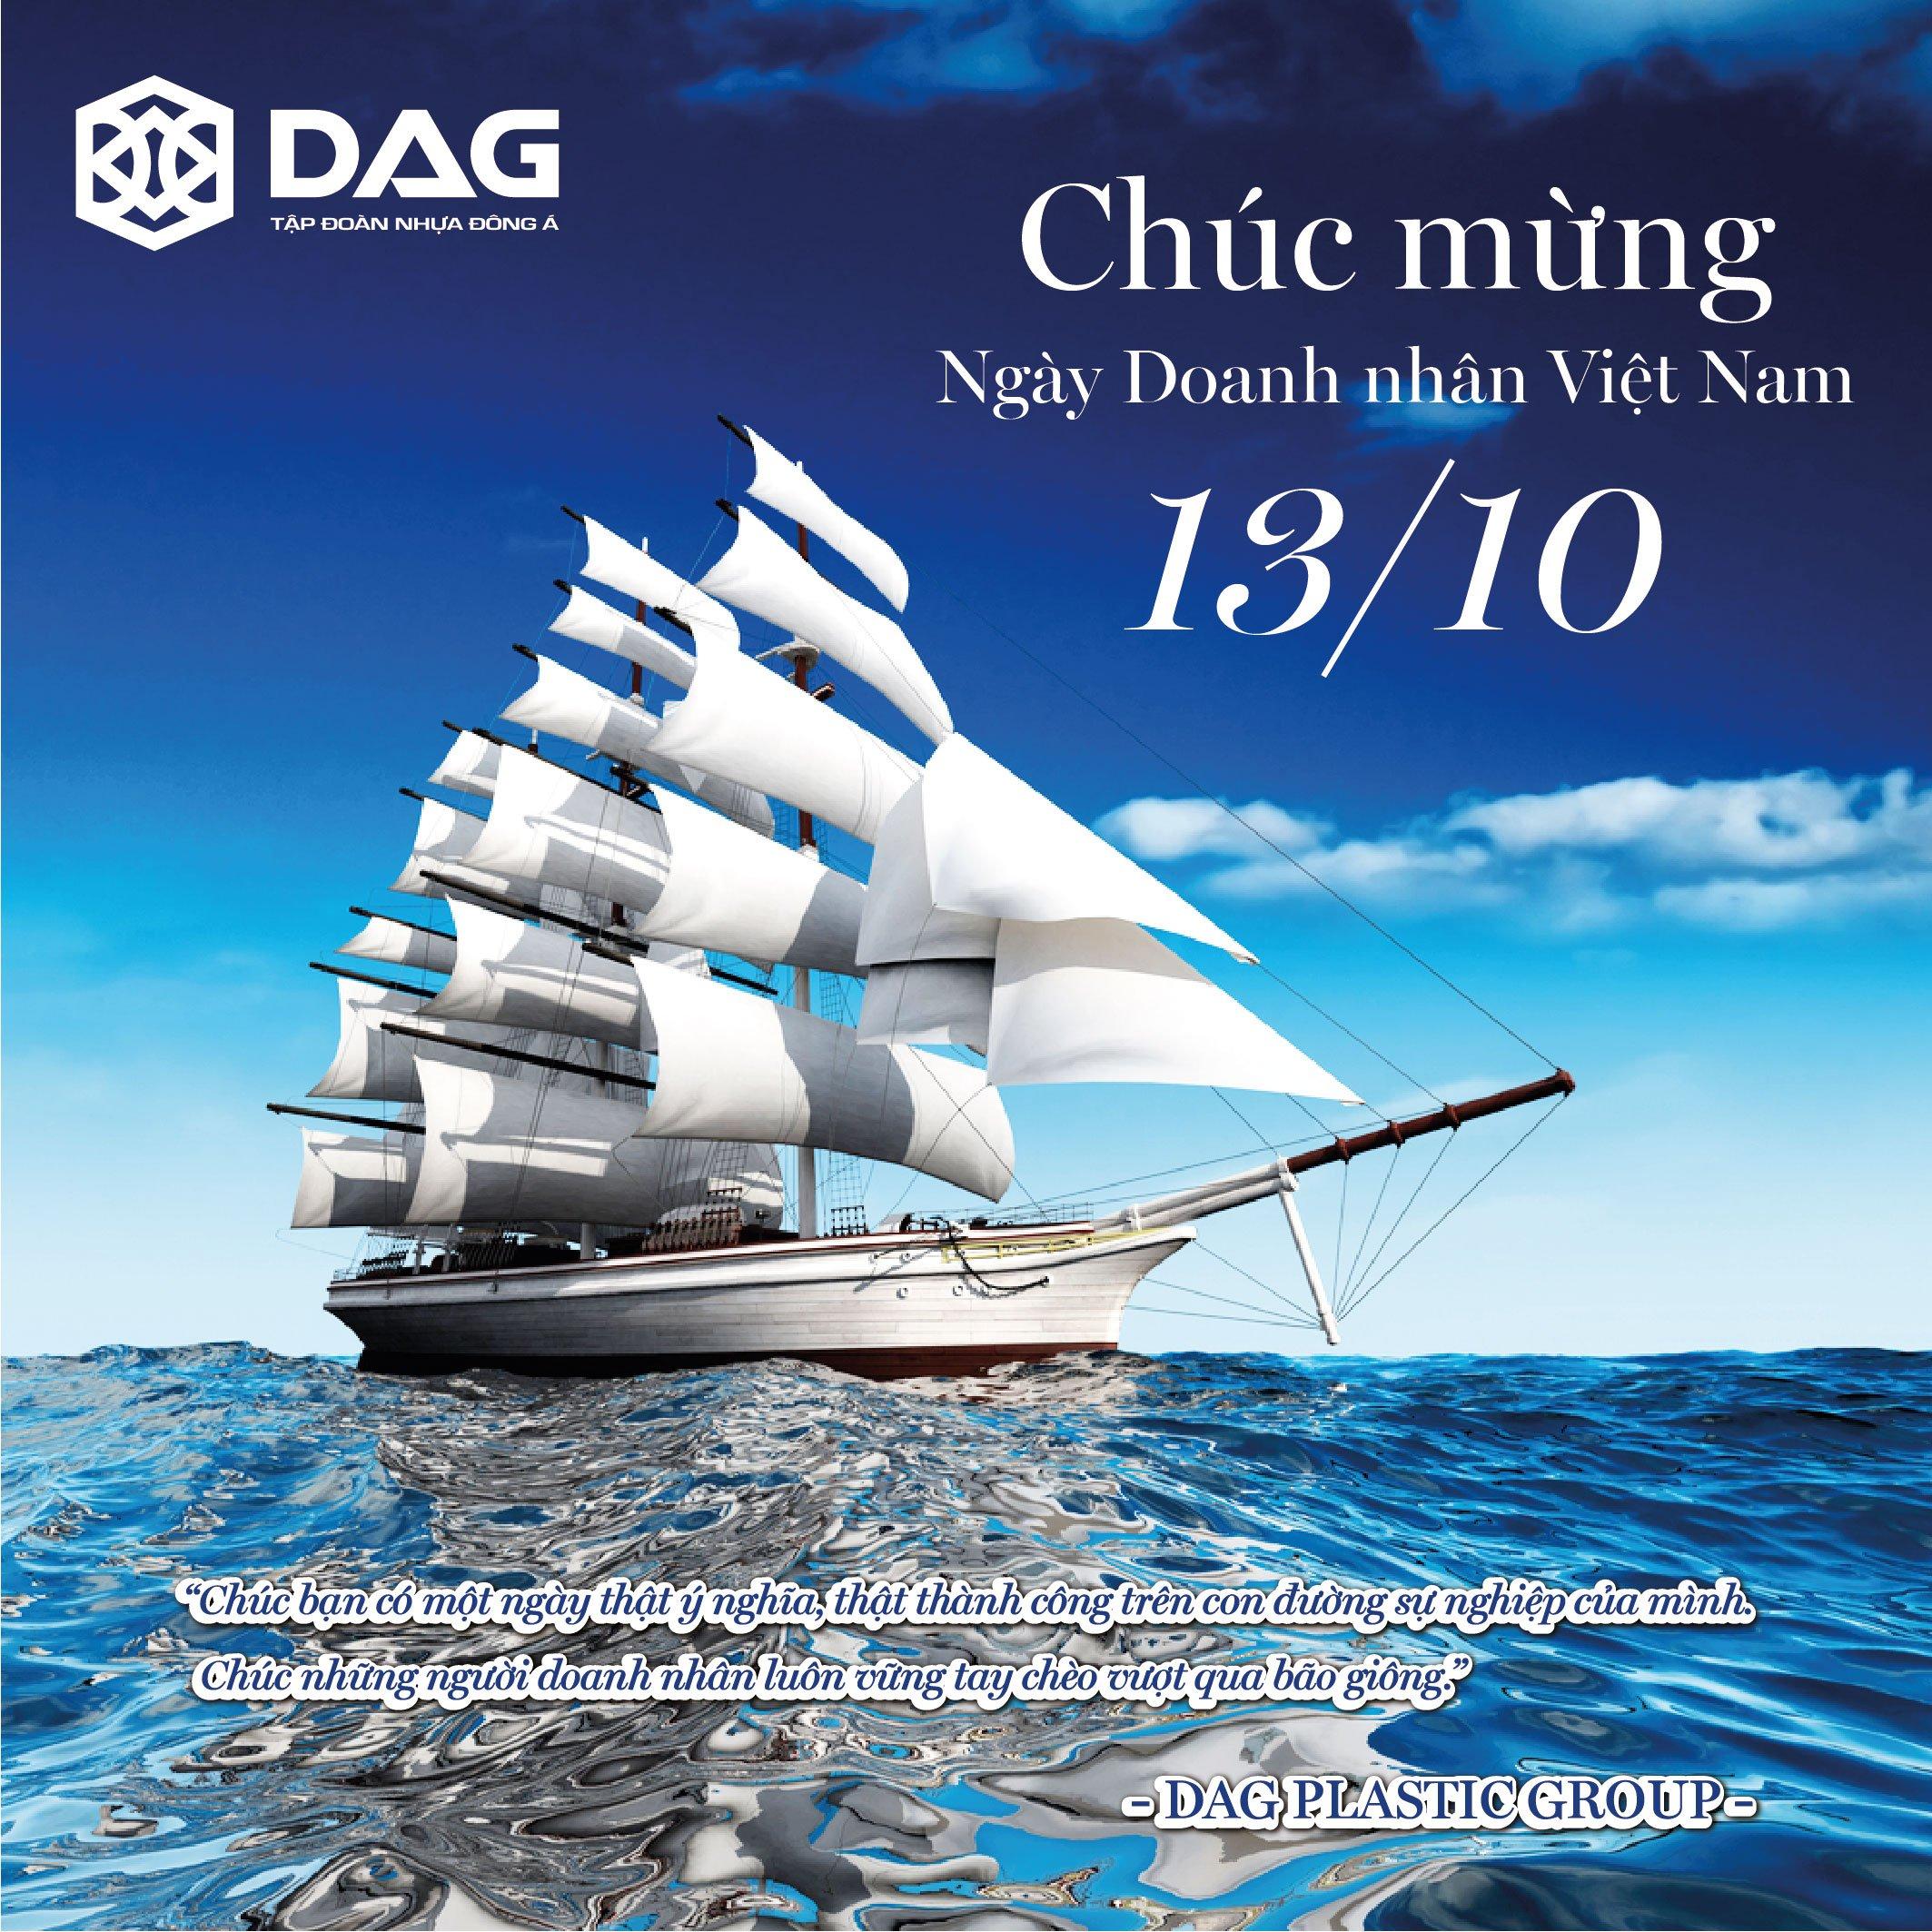 DAG chúc mừng ngày Doanh Nhân Việt Nam